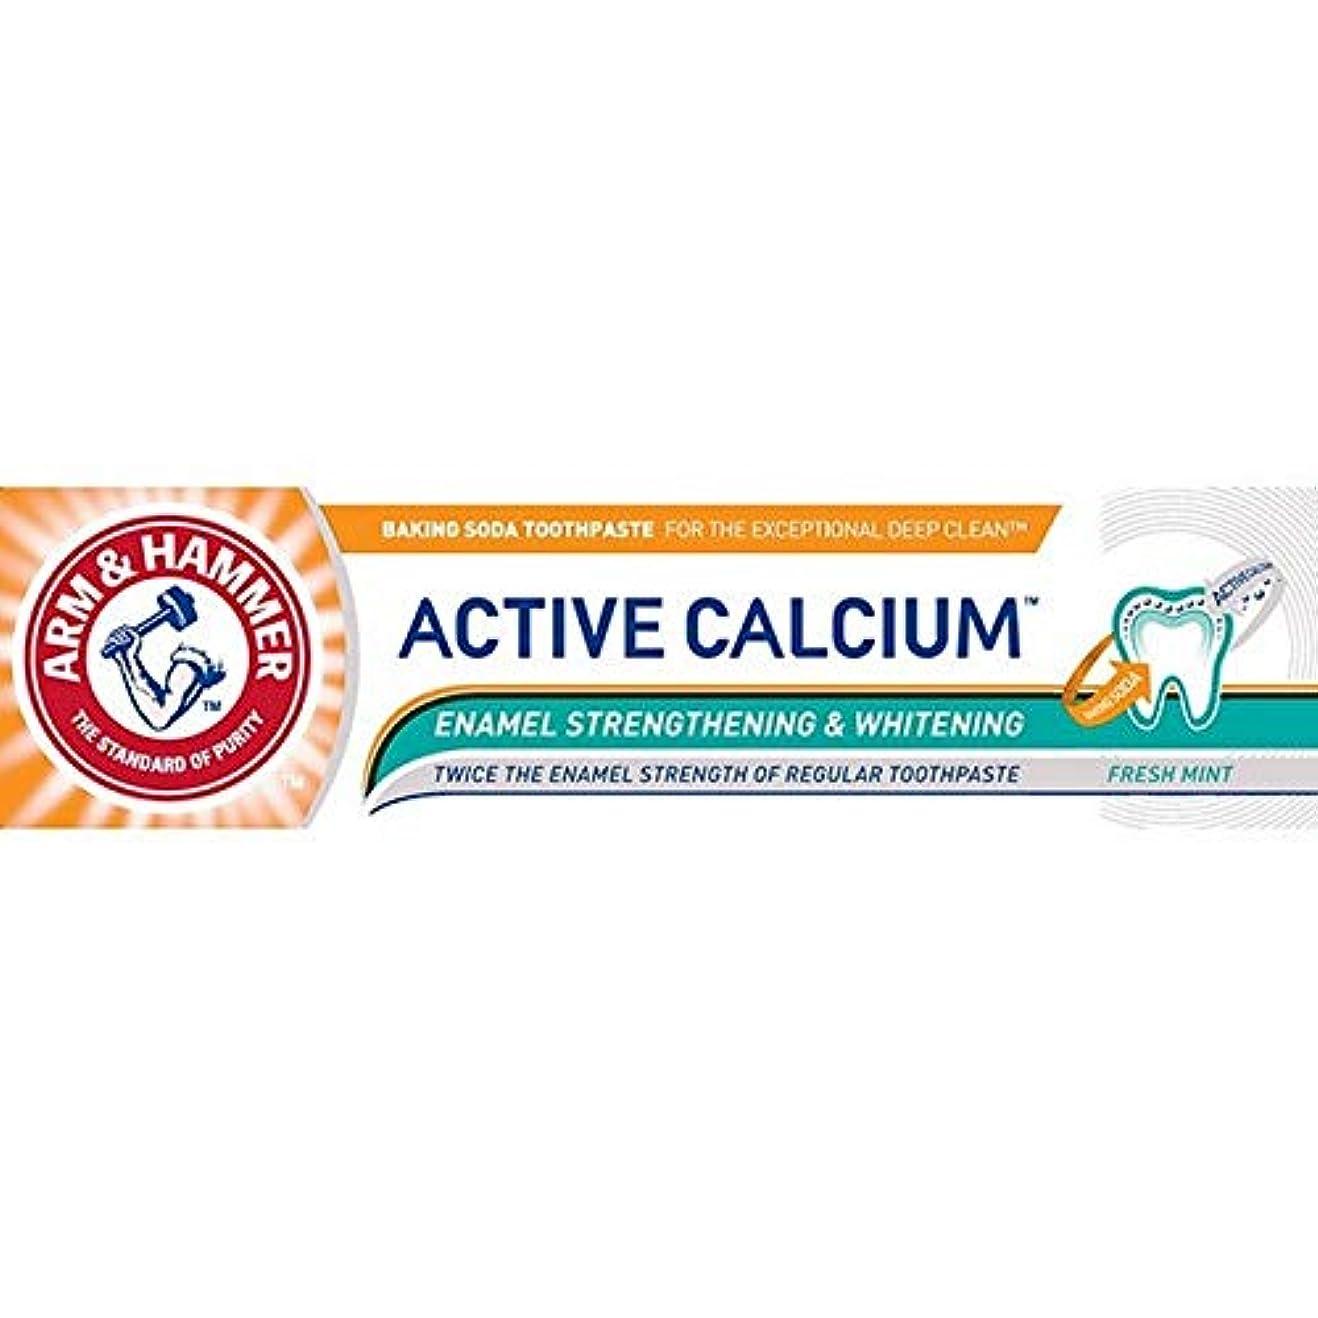 シダトマト練る[Arm & Hammer ] アーム&ハンマーアクティブカルシウムの75ミリリットル - Arm & Hammer Active Calcium 75ml [並行輸入品]